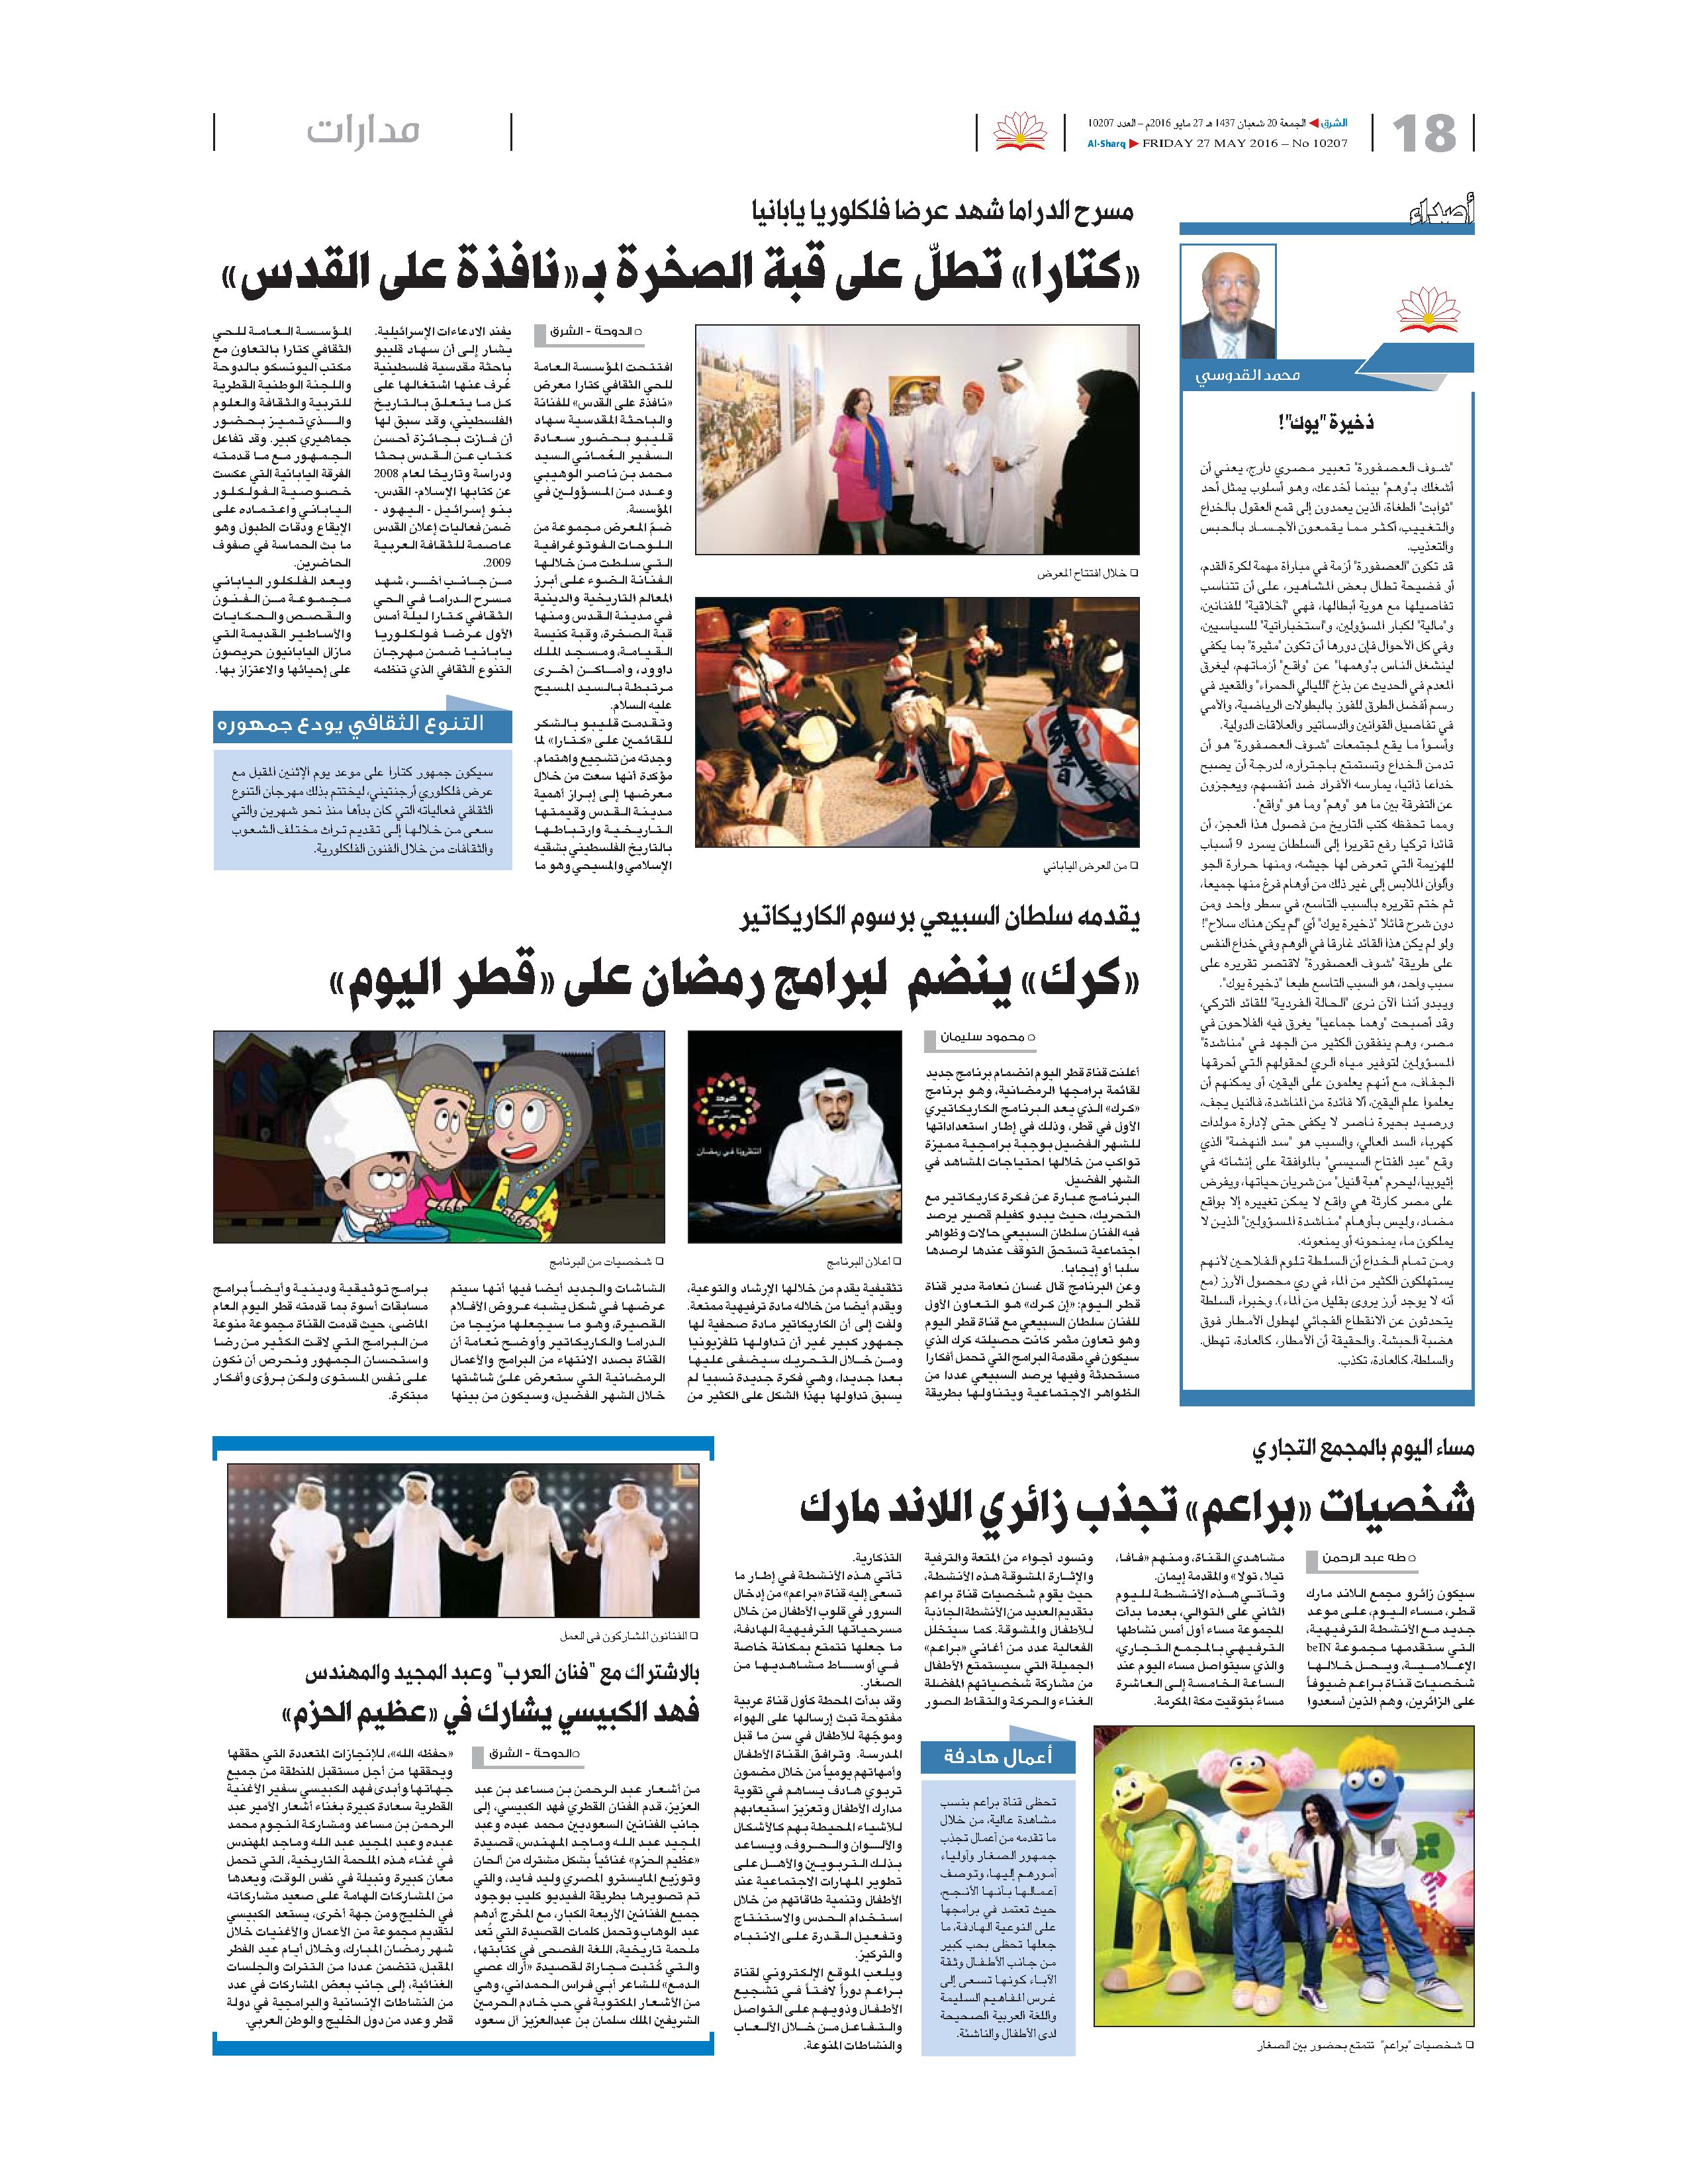 Al Sharq Newspaper Qatar_27th May 2016